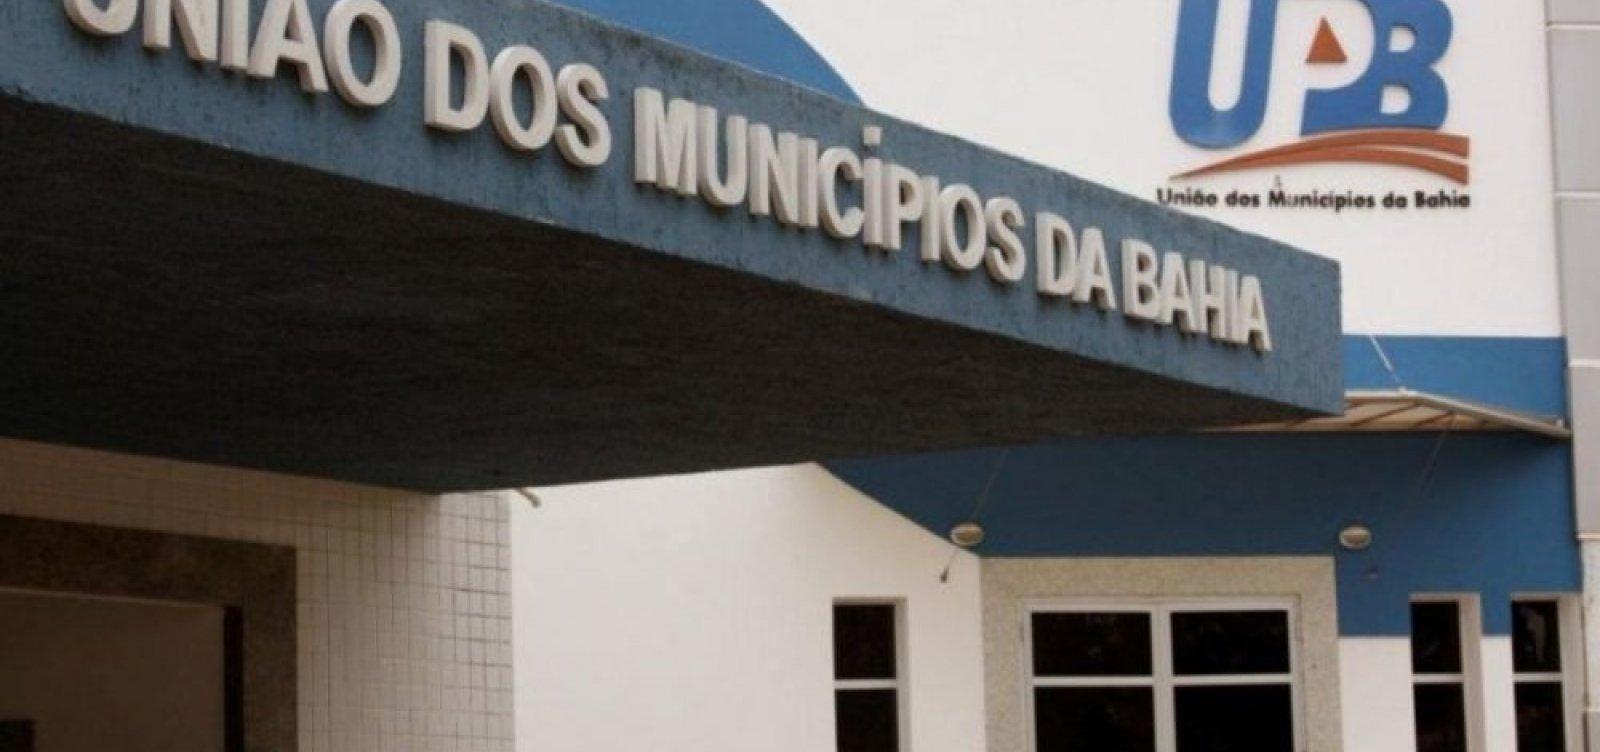 Prefeitos baianos criticam extinção de municípios: 'É uma proposta equivocada'